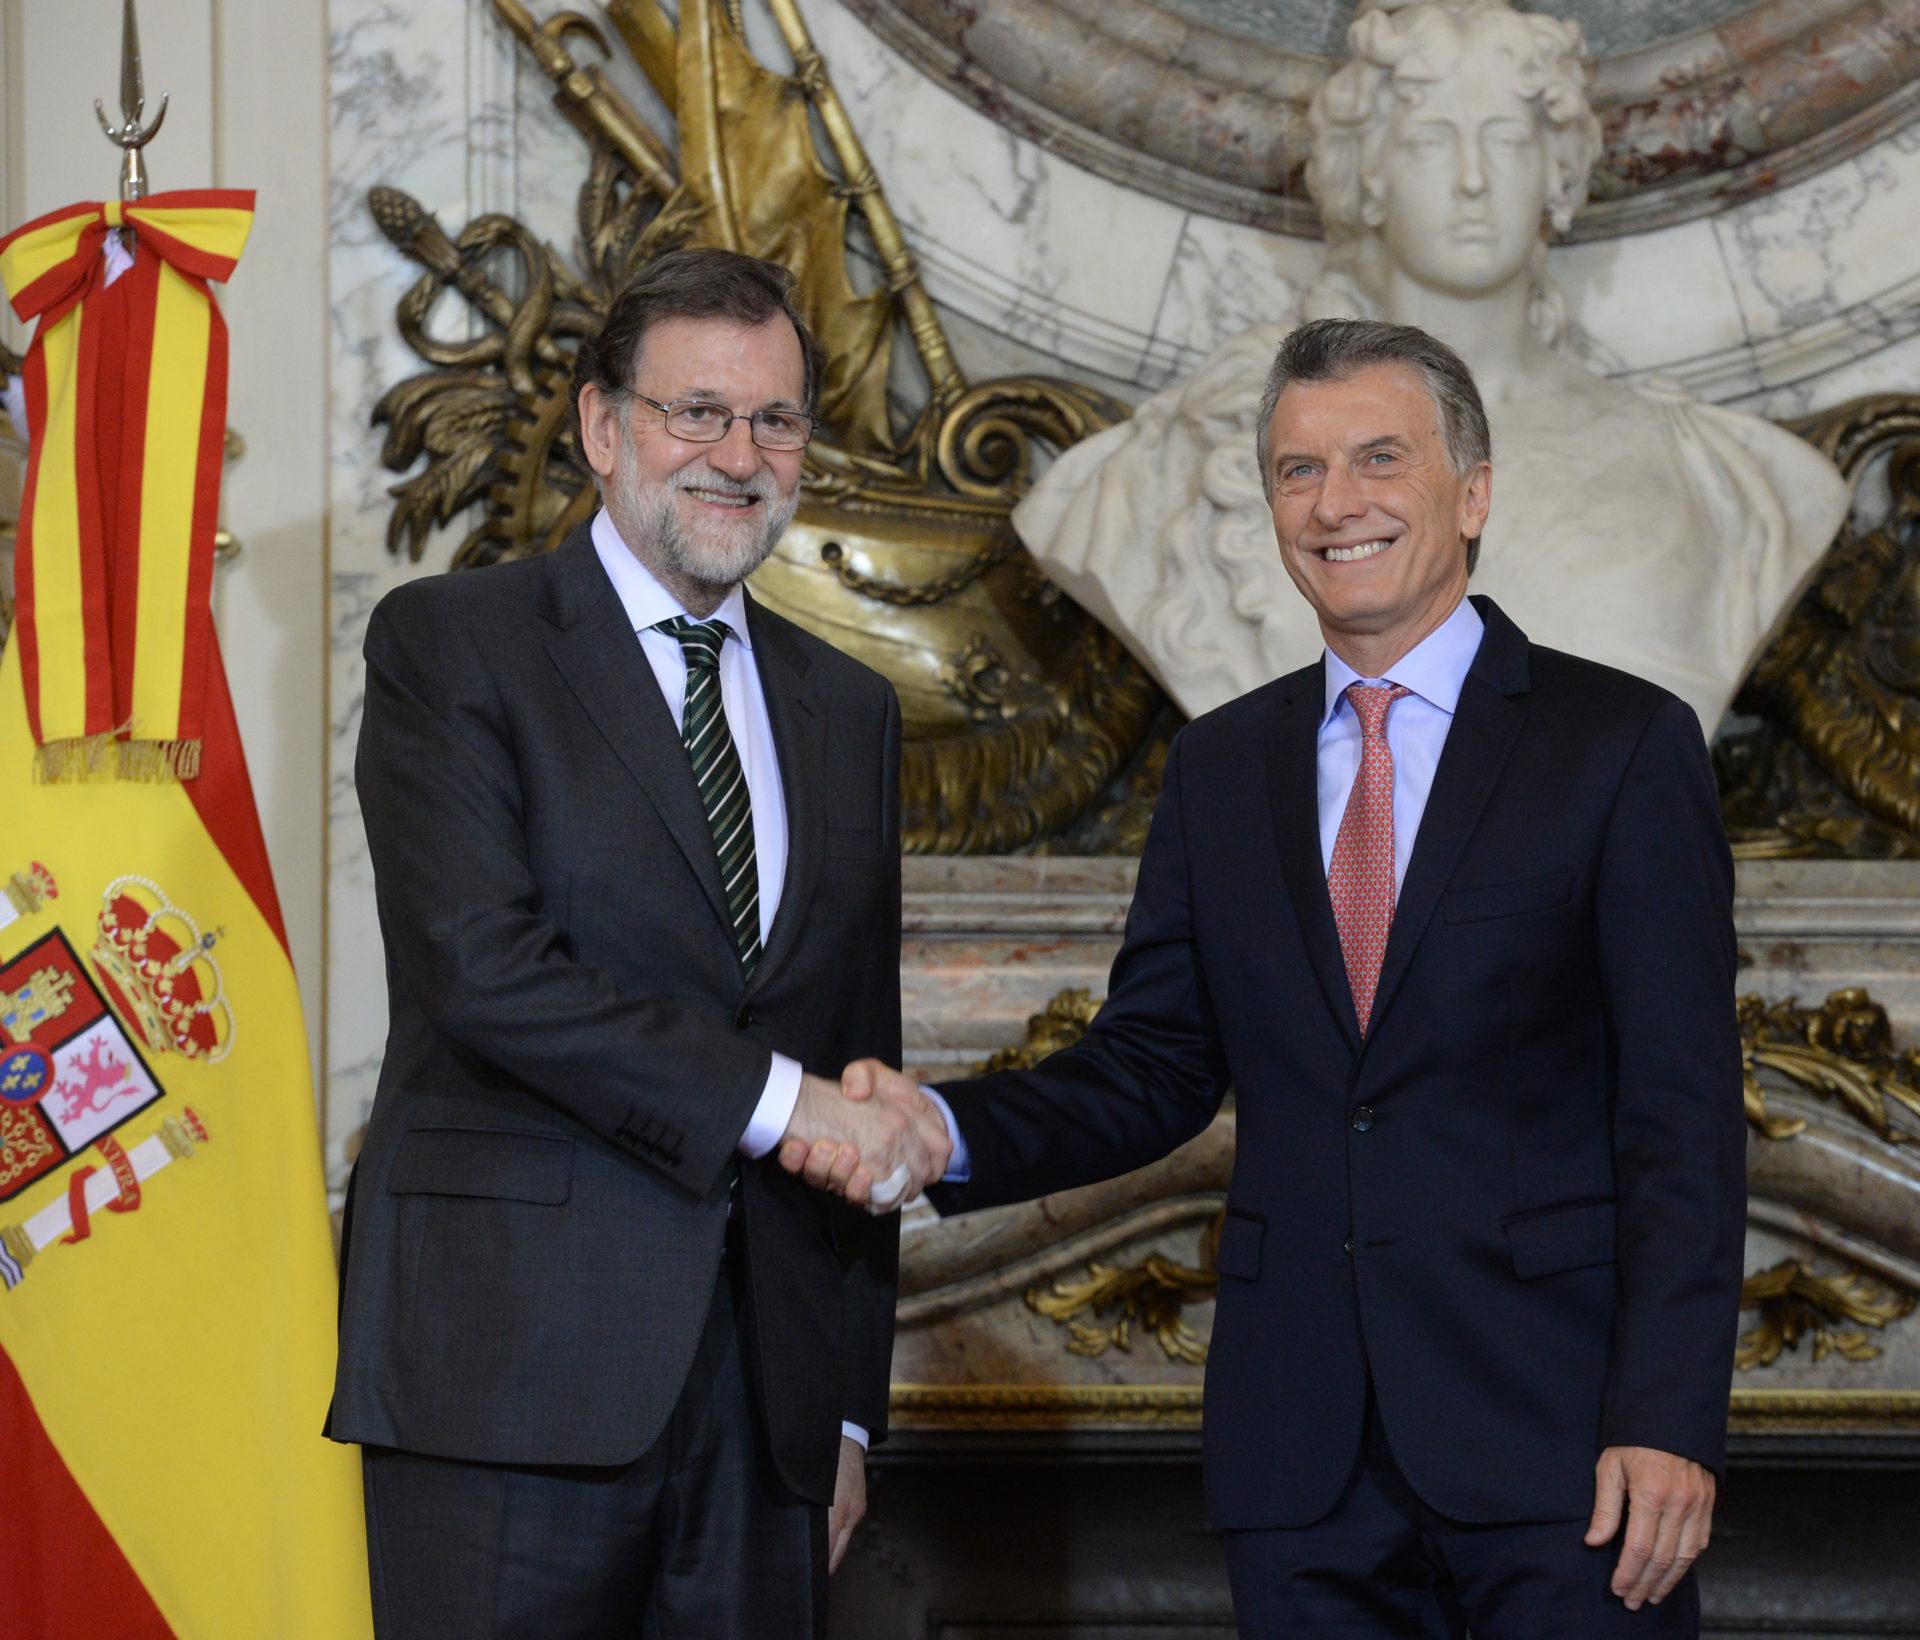 El presidente Macri recibió al presidente del Gobierno de España, Mariano Rajoy